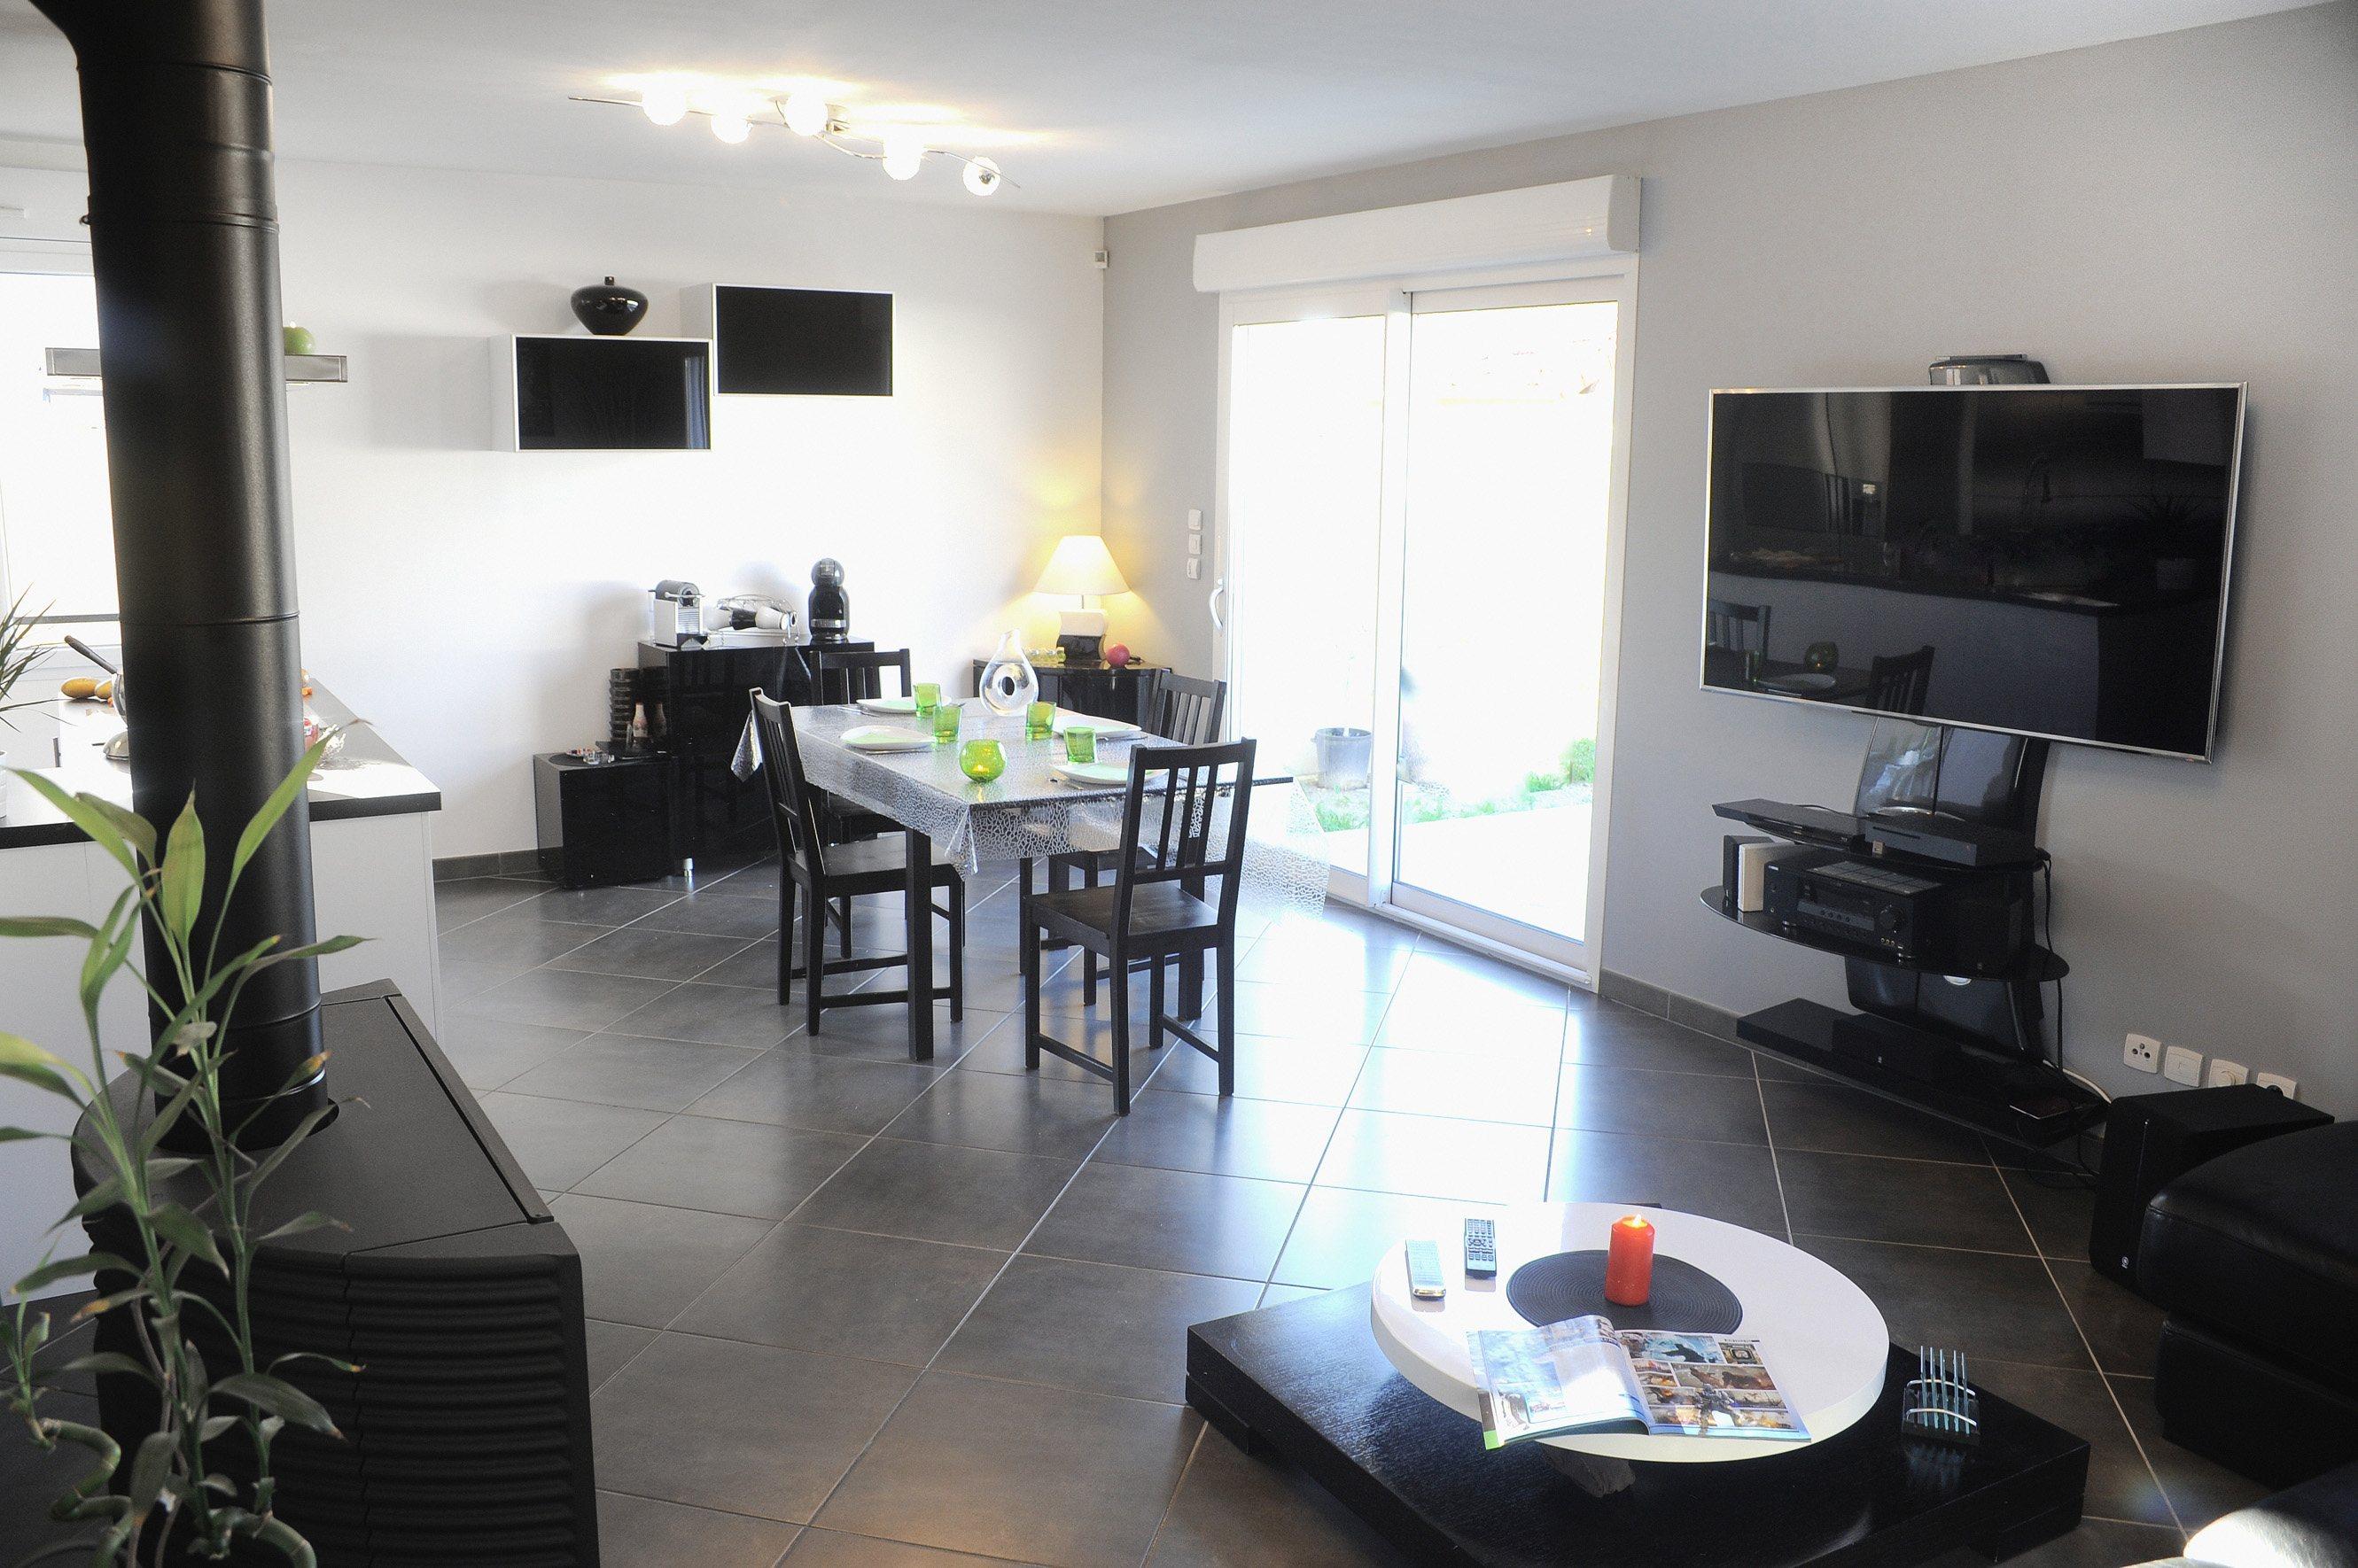 Maisons + Terrains du constructeur MAISONS PHENIX • 96 m² • SAINT CHRISTOPHE DU LIGNERON